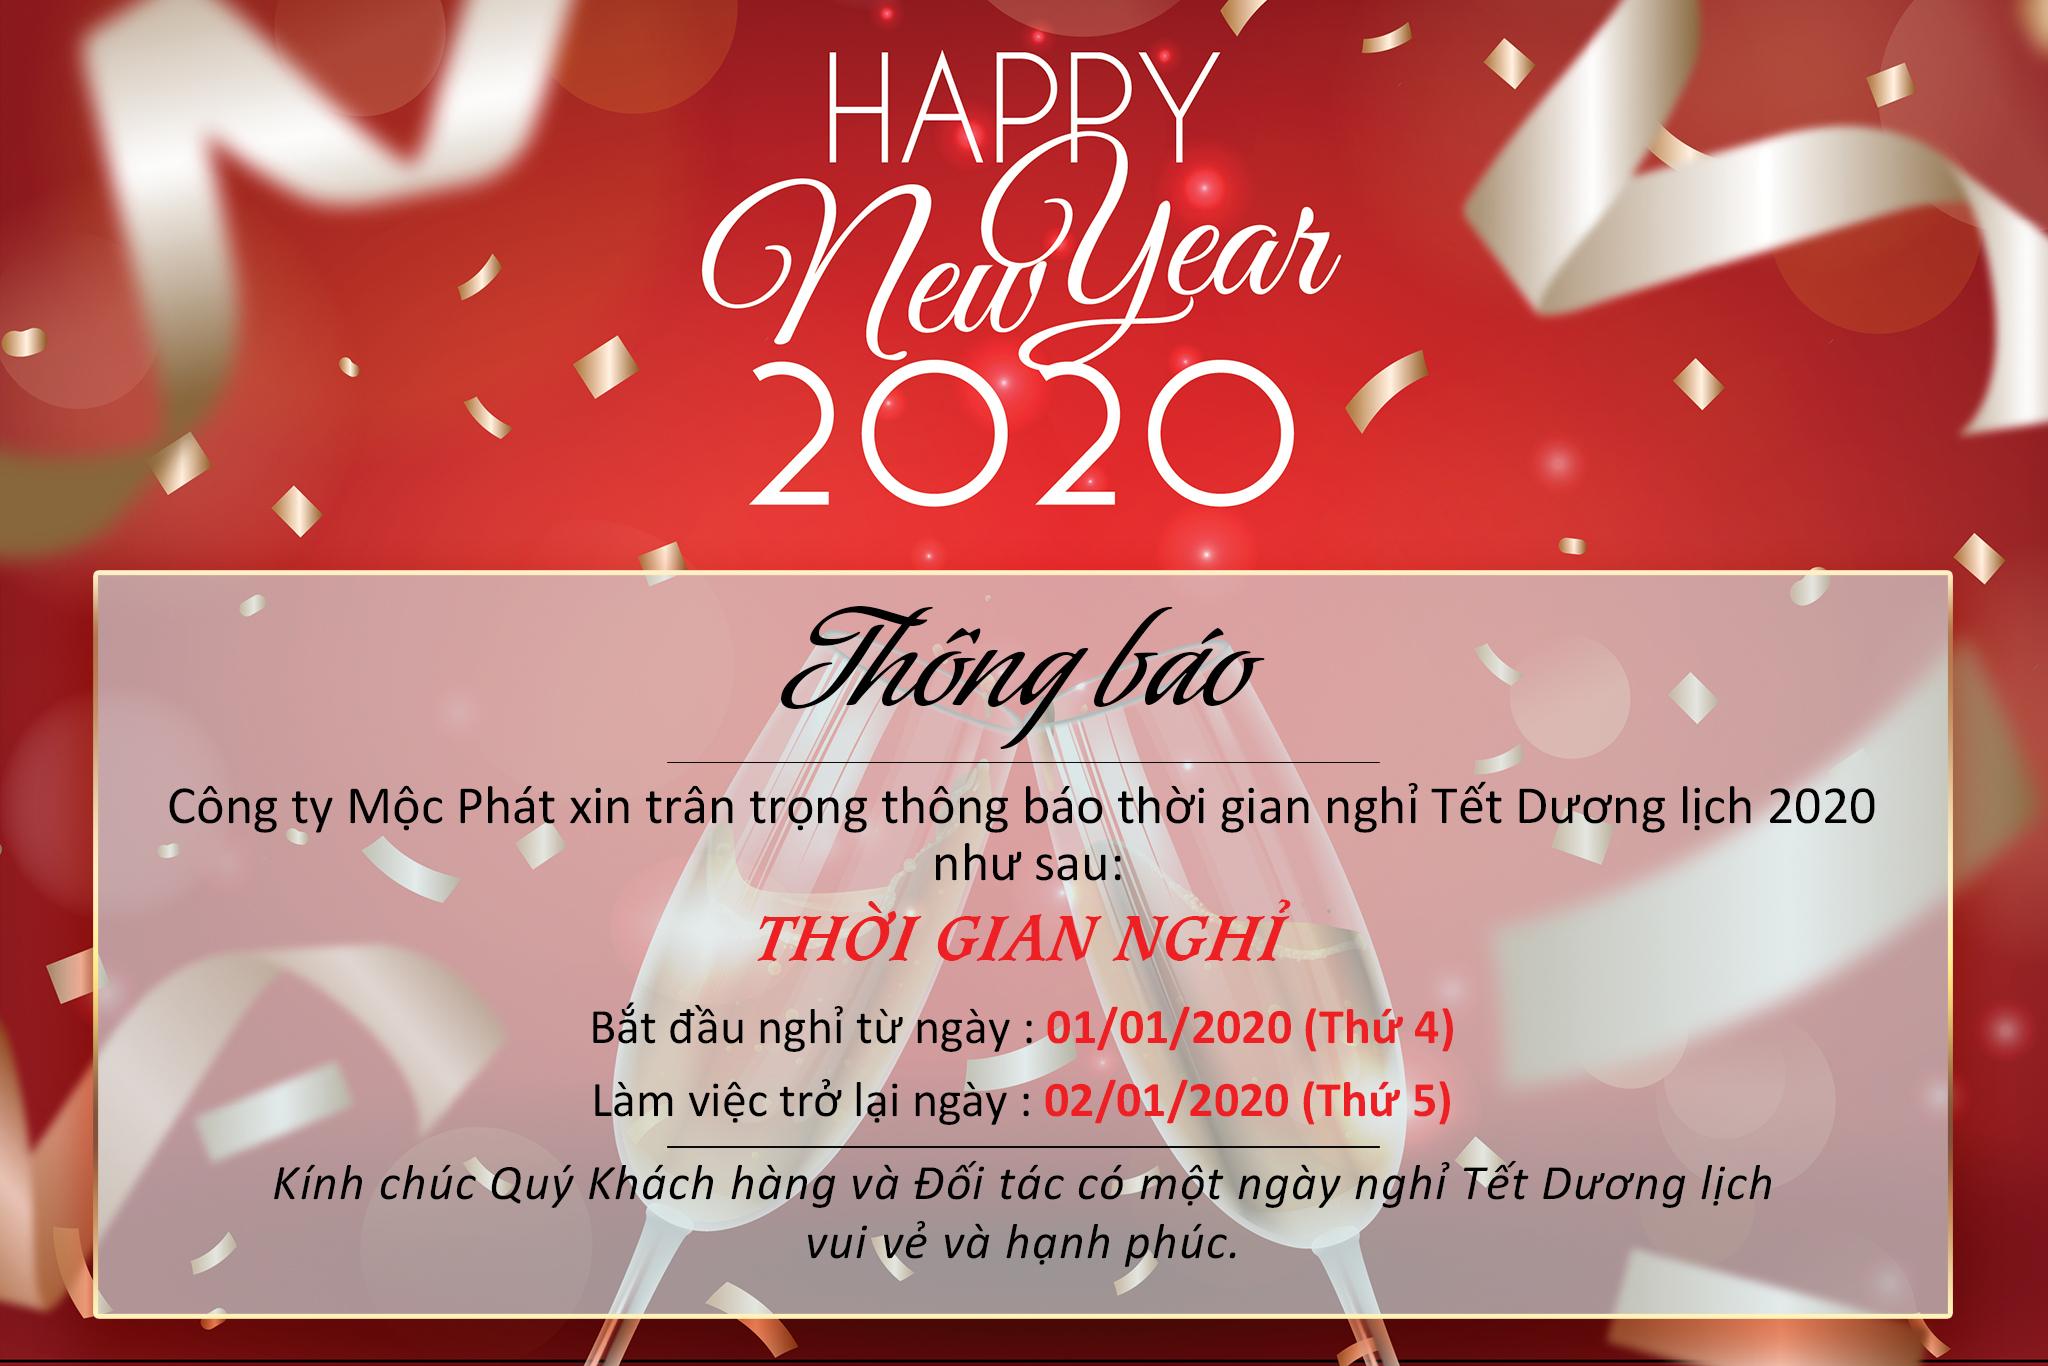 Thông báo nghỉ Tết Dương lịch 2020 3